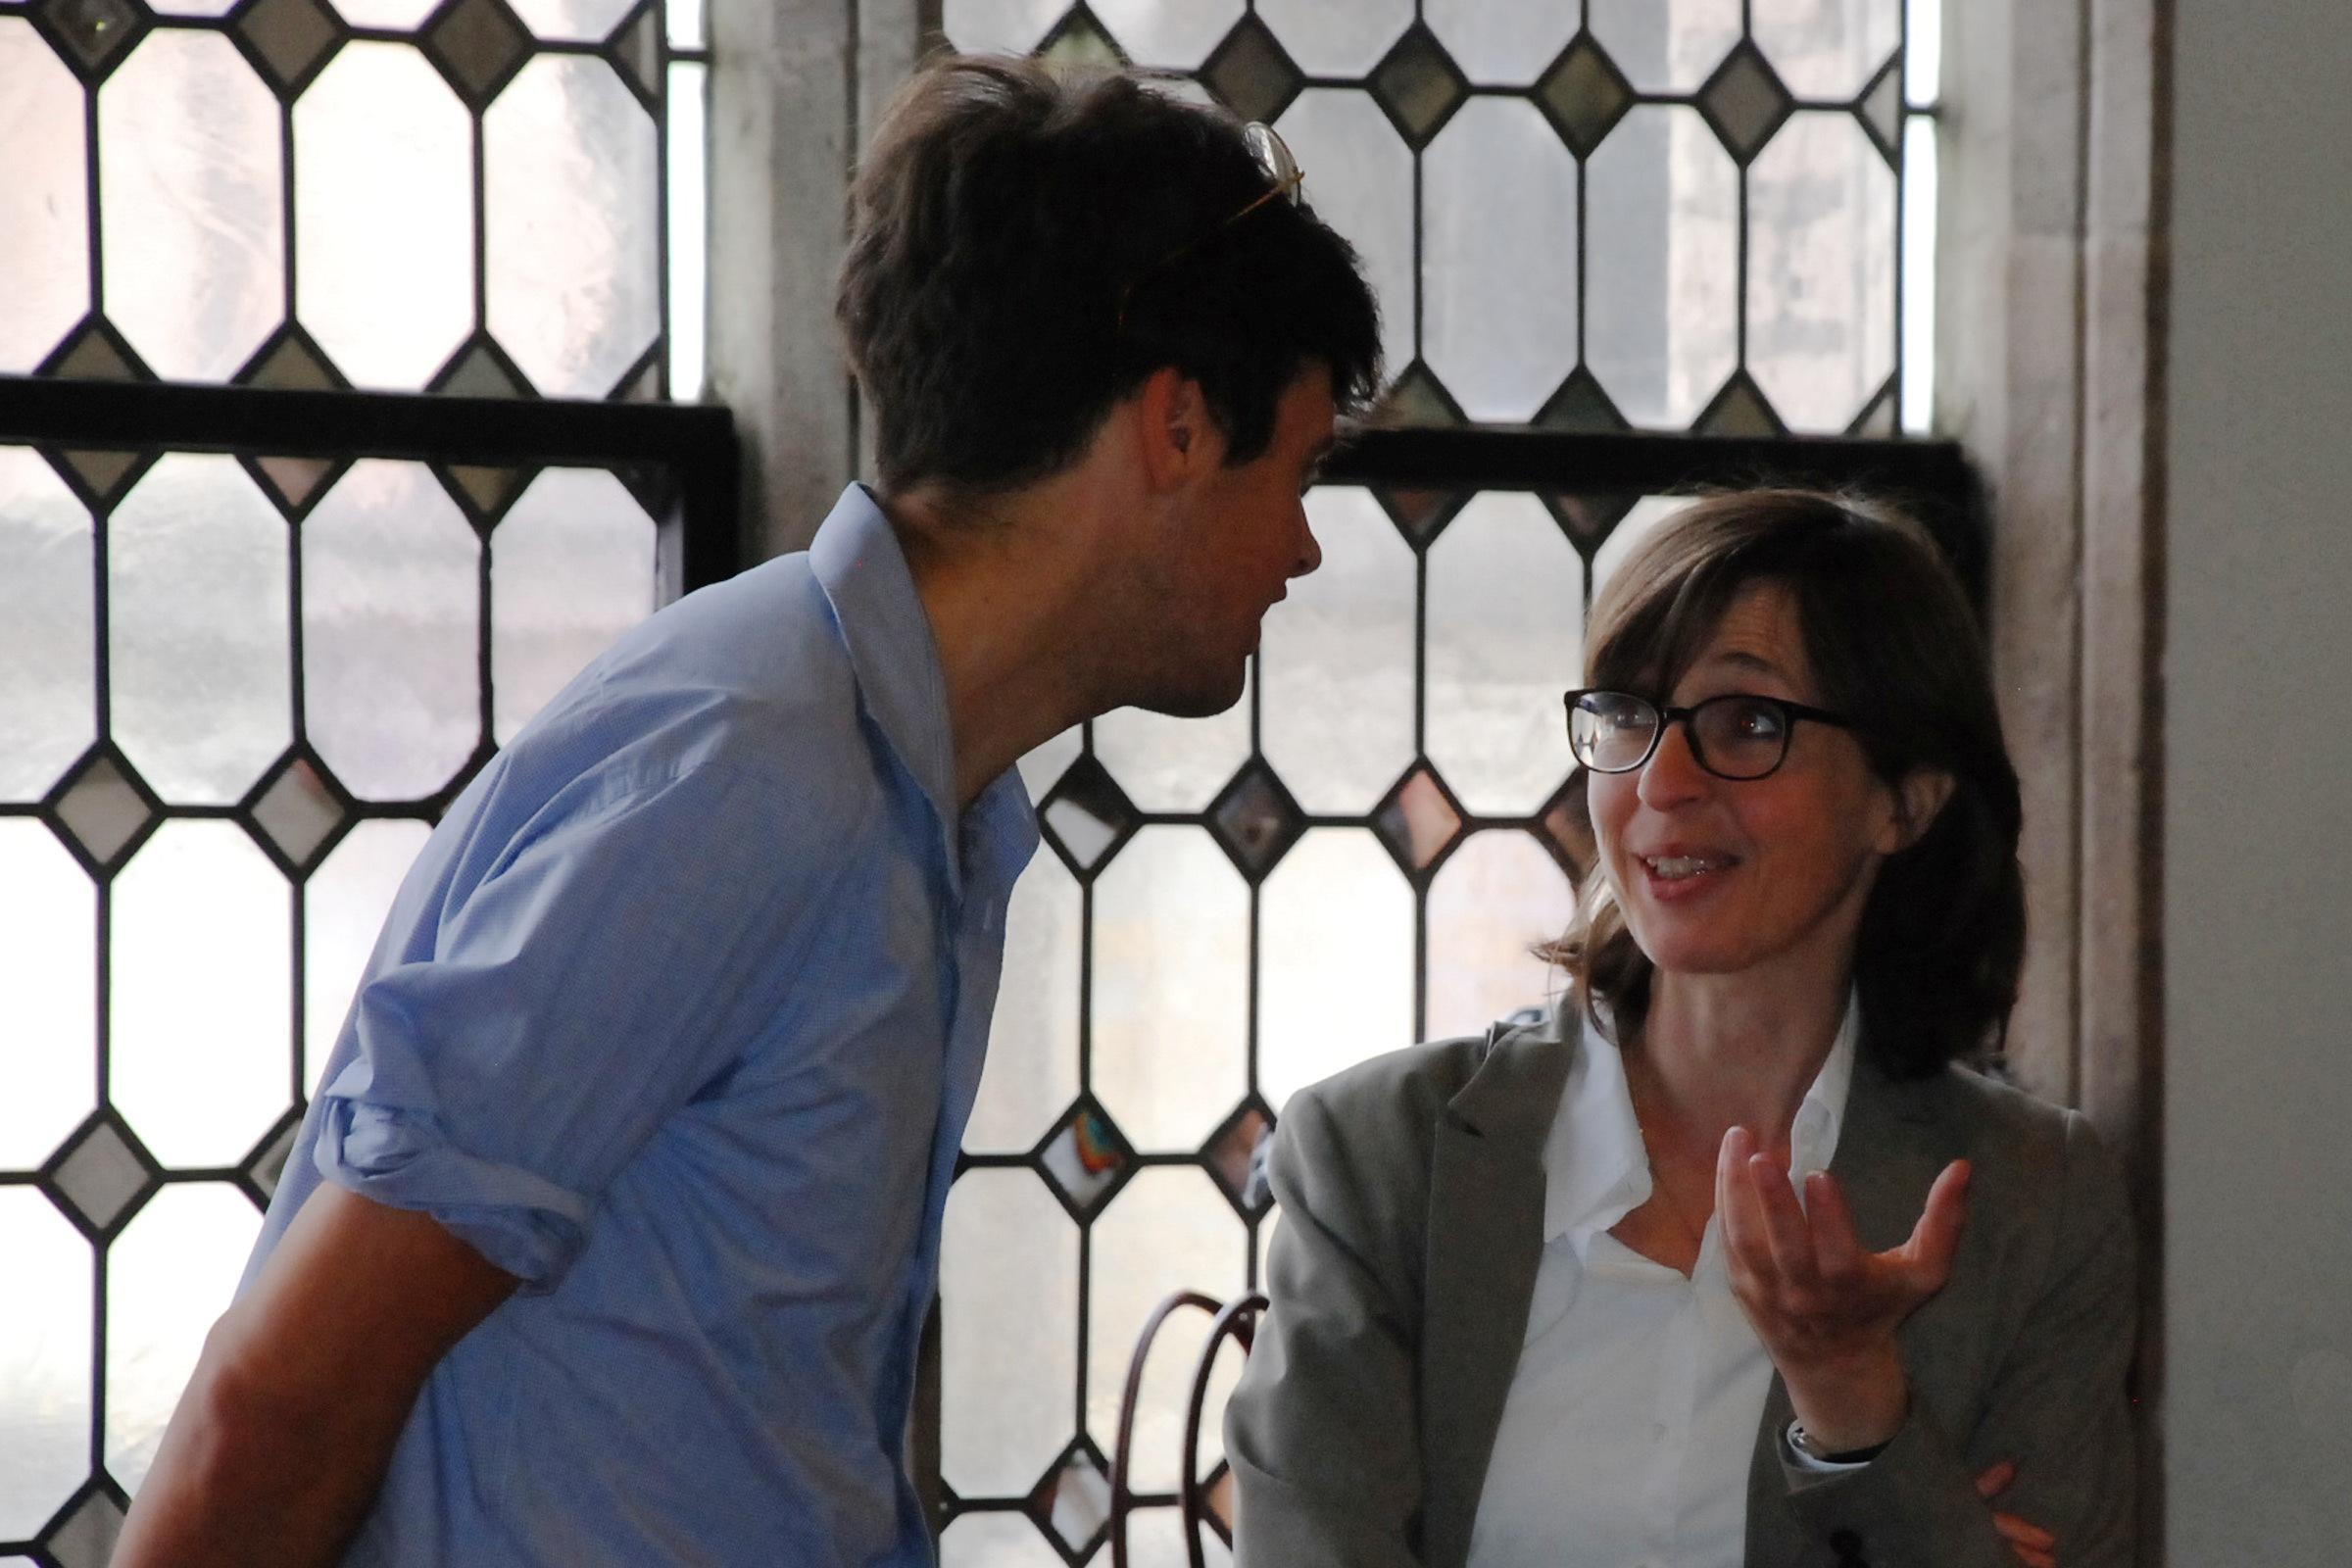 Sebastian Polmans, Brinkmann-Preisträger 2015, im Gespräch mit der Leiterin des Litaturhauses Köln Bettina Fischer